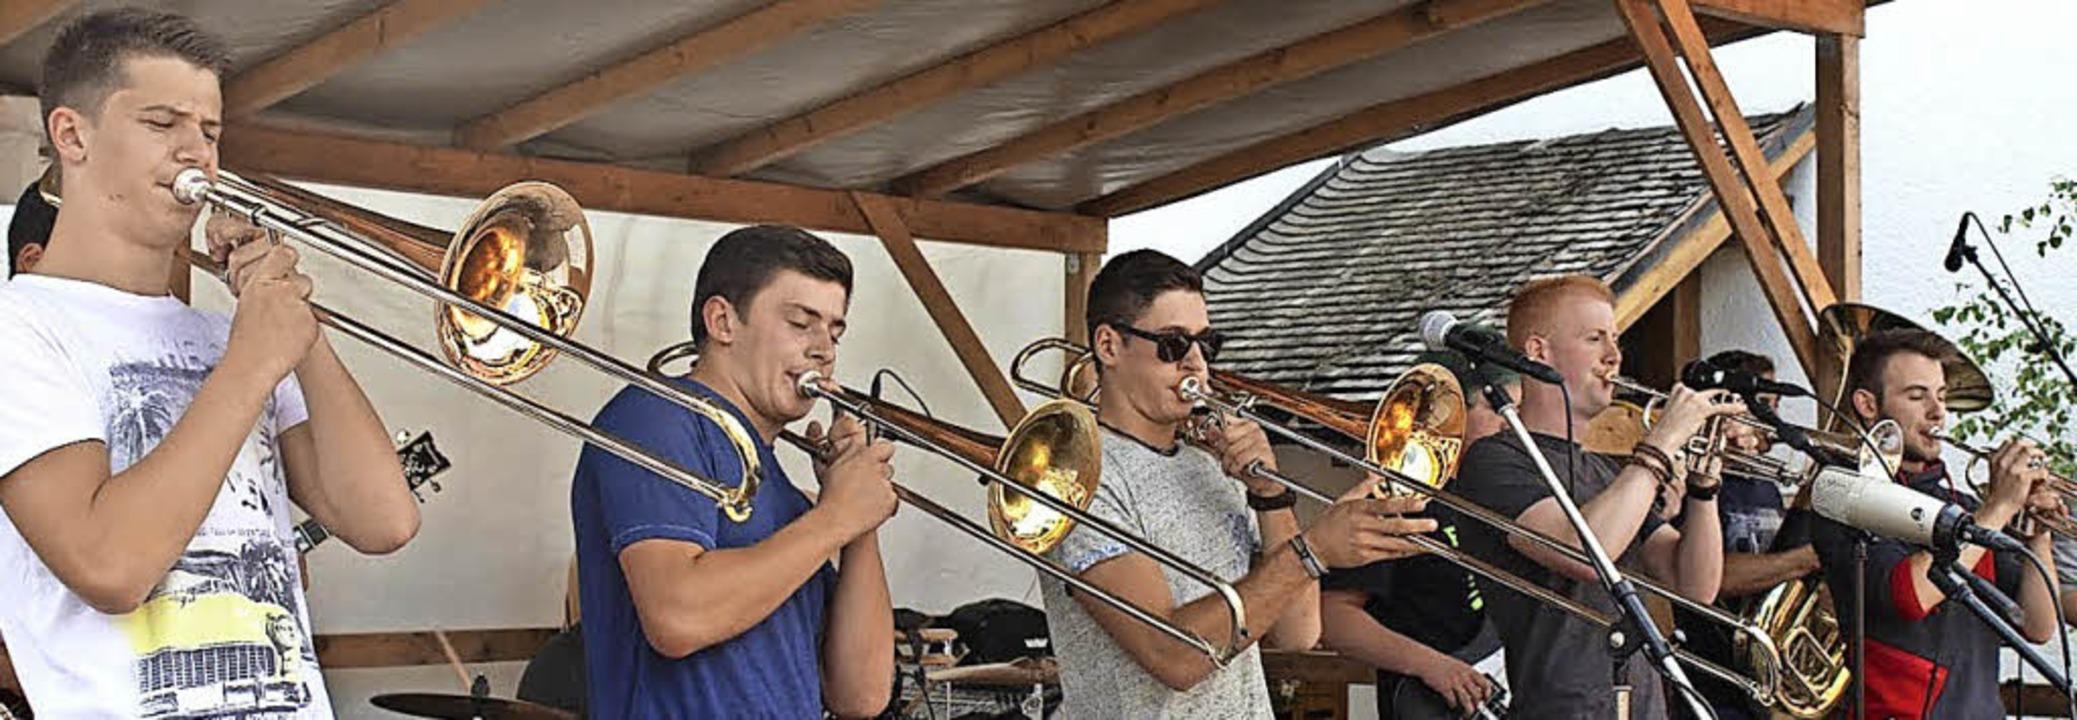 Brasstastisch, die Gewinner des  Kappl...tarren und schnelle Rhythmen treffen.   | Foto: Dennis Wipf